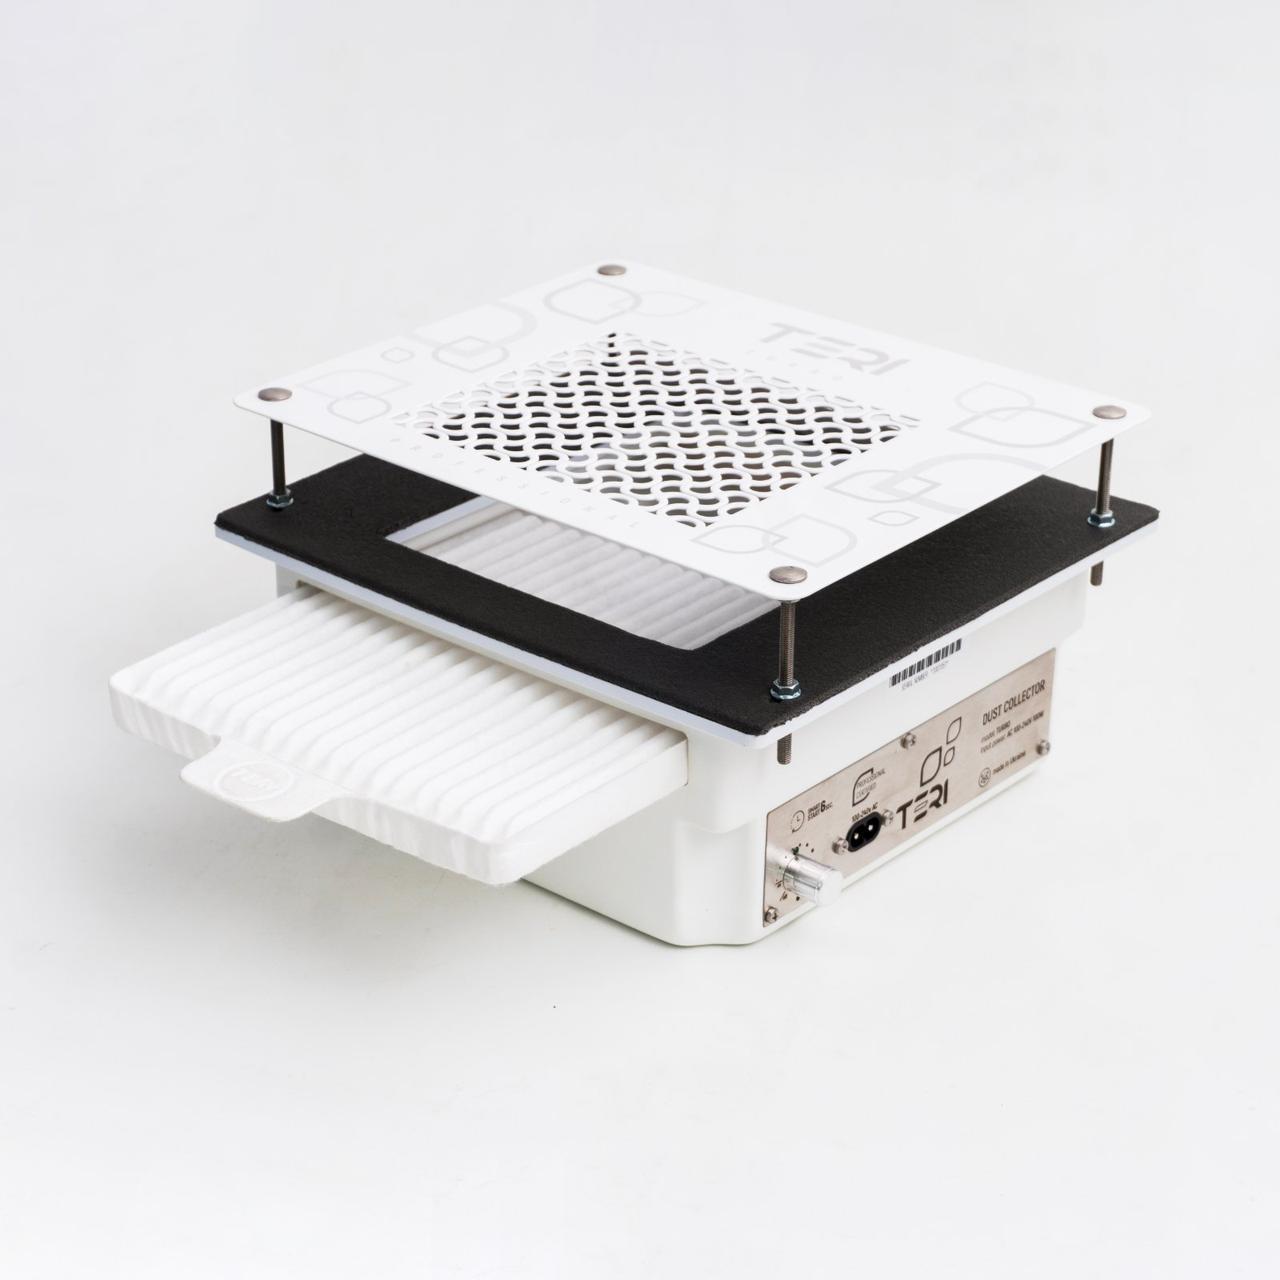 Teri Turbo встраиваемая в стол маникюрная вытяжка с HEPA фильтром, сетка белая нержавейка c рисунком